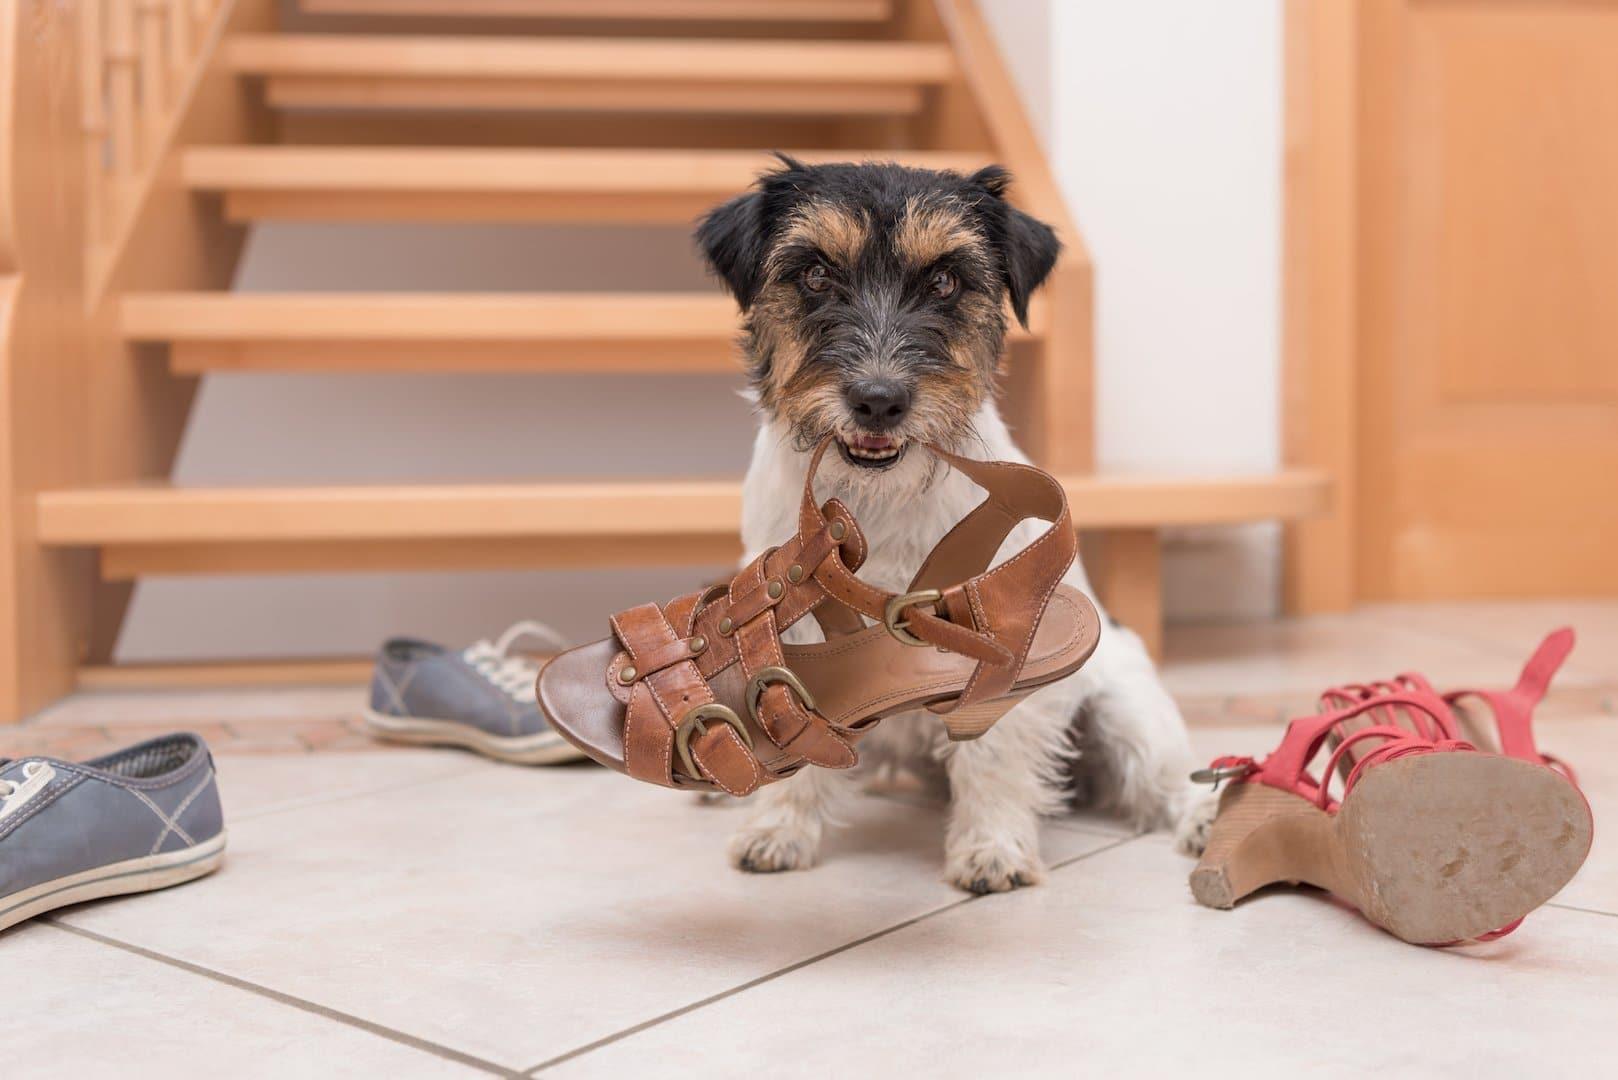 Comment empêcher votre chien de manger des objets ?